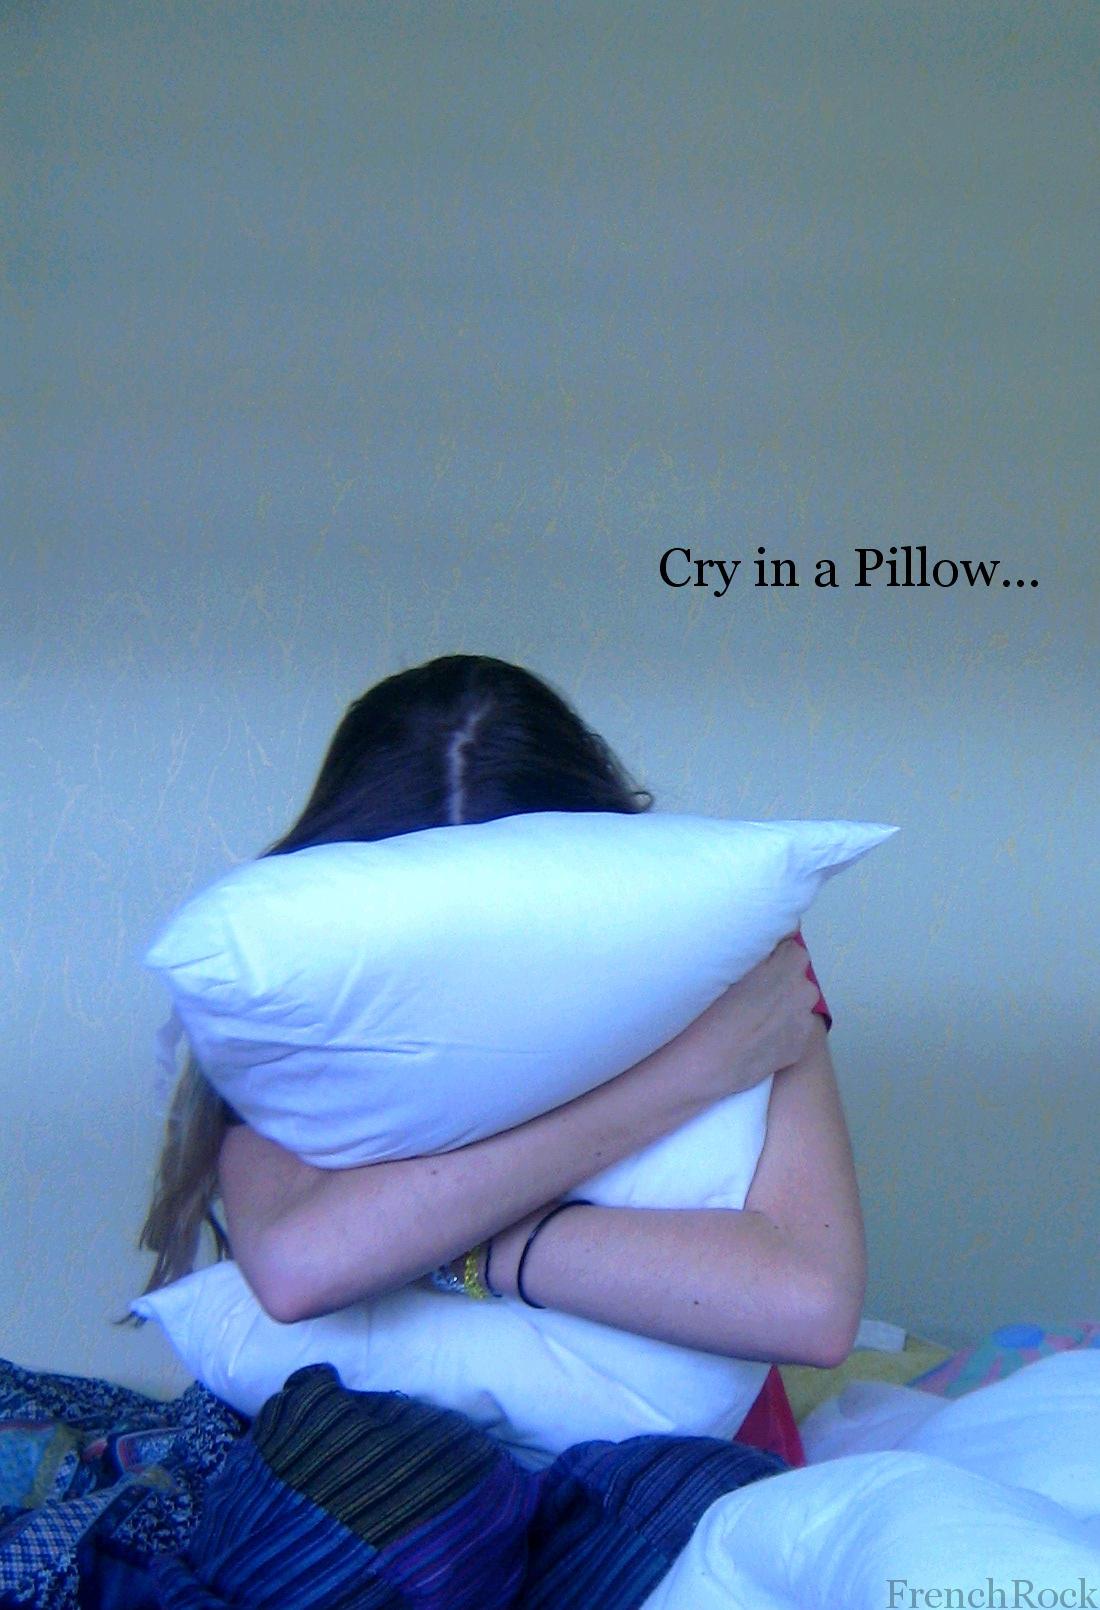 Фото девушки плачущей в подушку